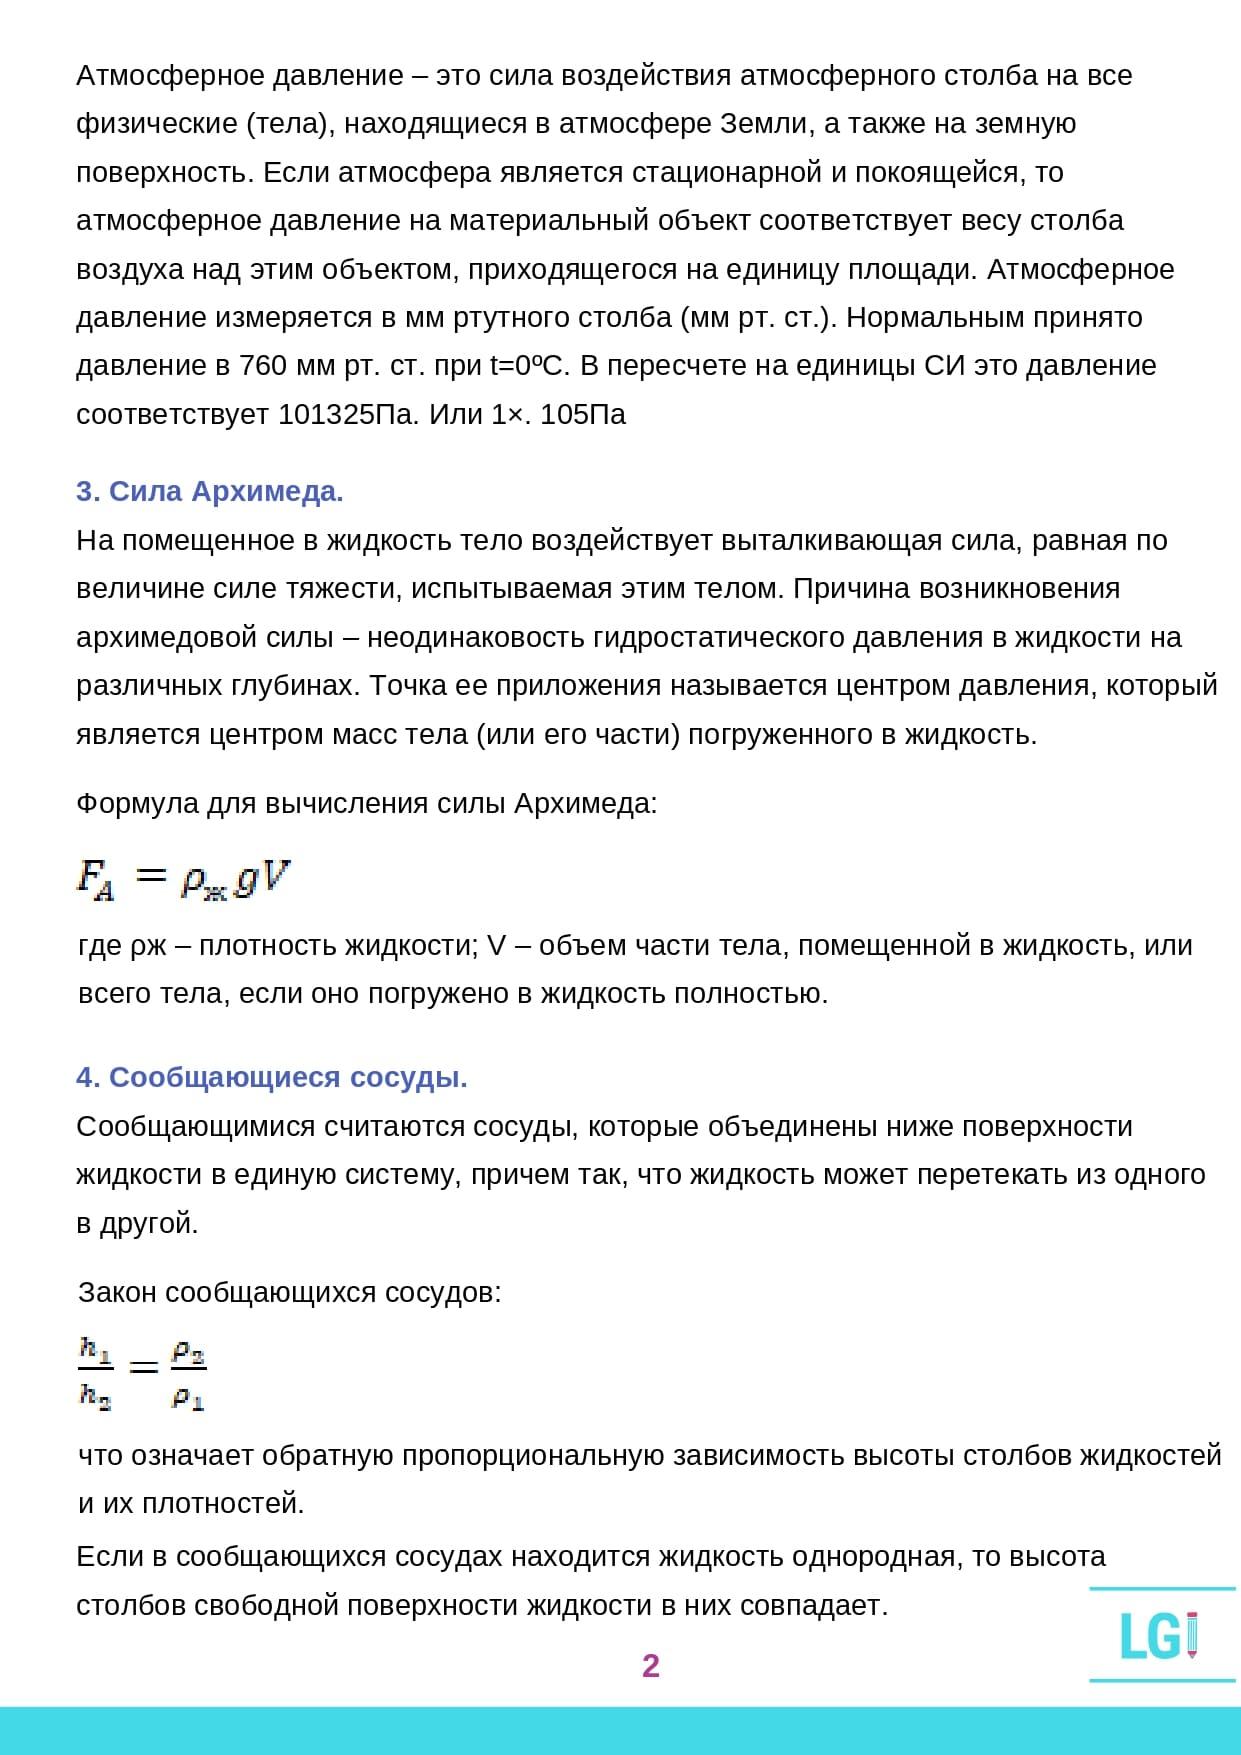 Готовимся к ОГЭ. Физика. 9 класс. Опора №7 страница 2